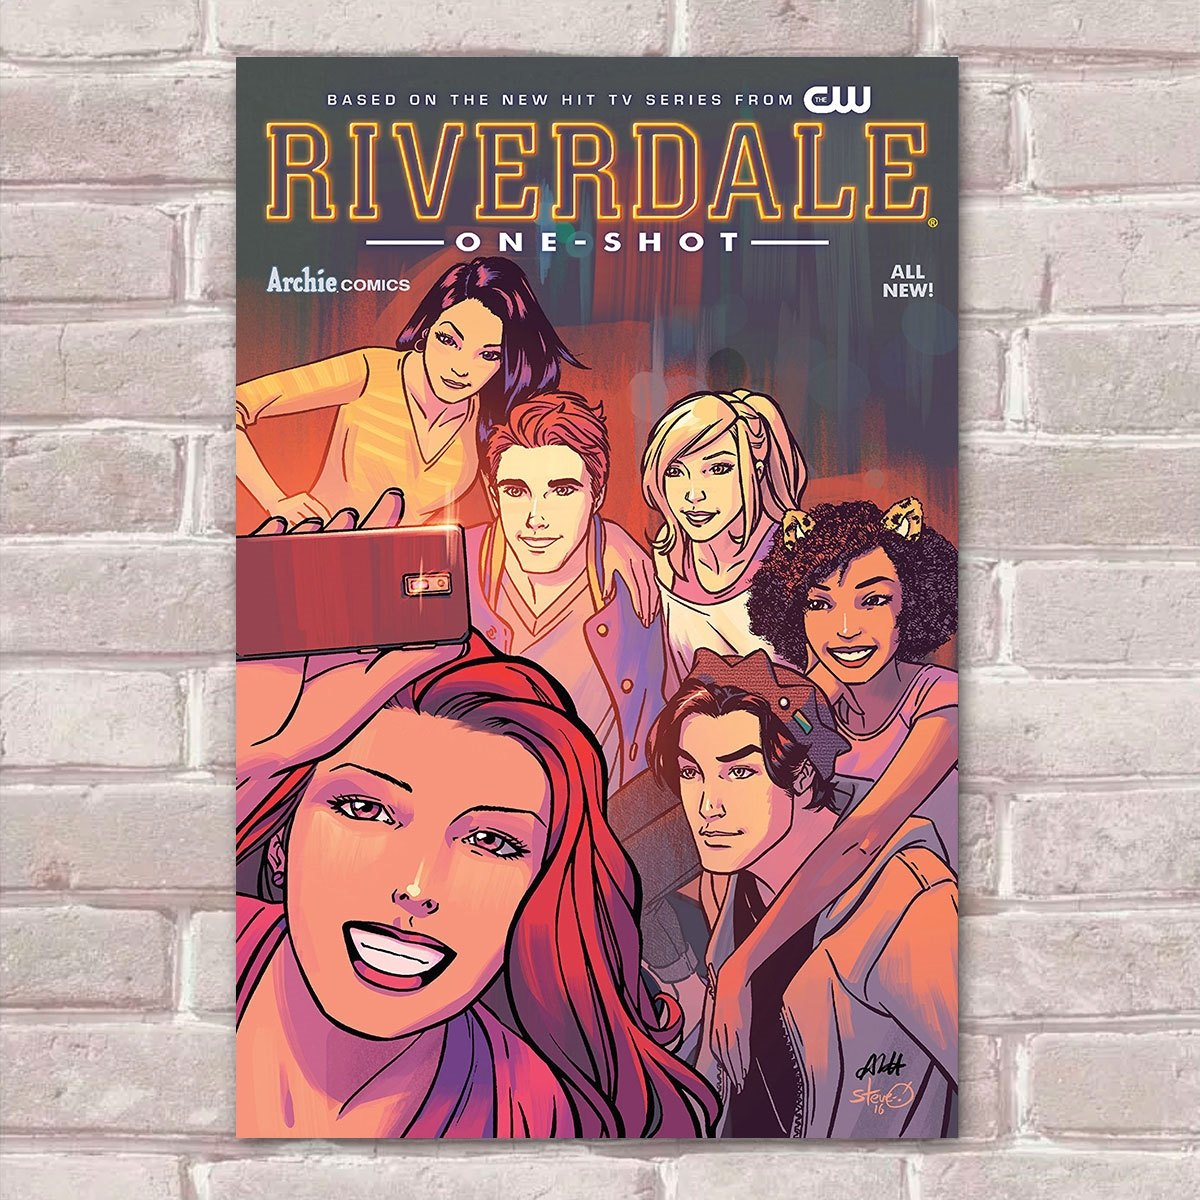 Entre no clima de Riverdale com essa lista incrível de itens do seriado